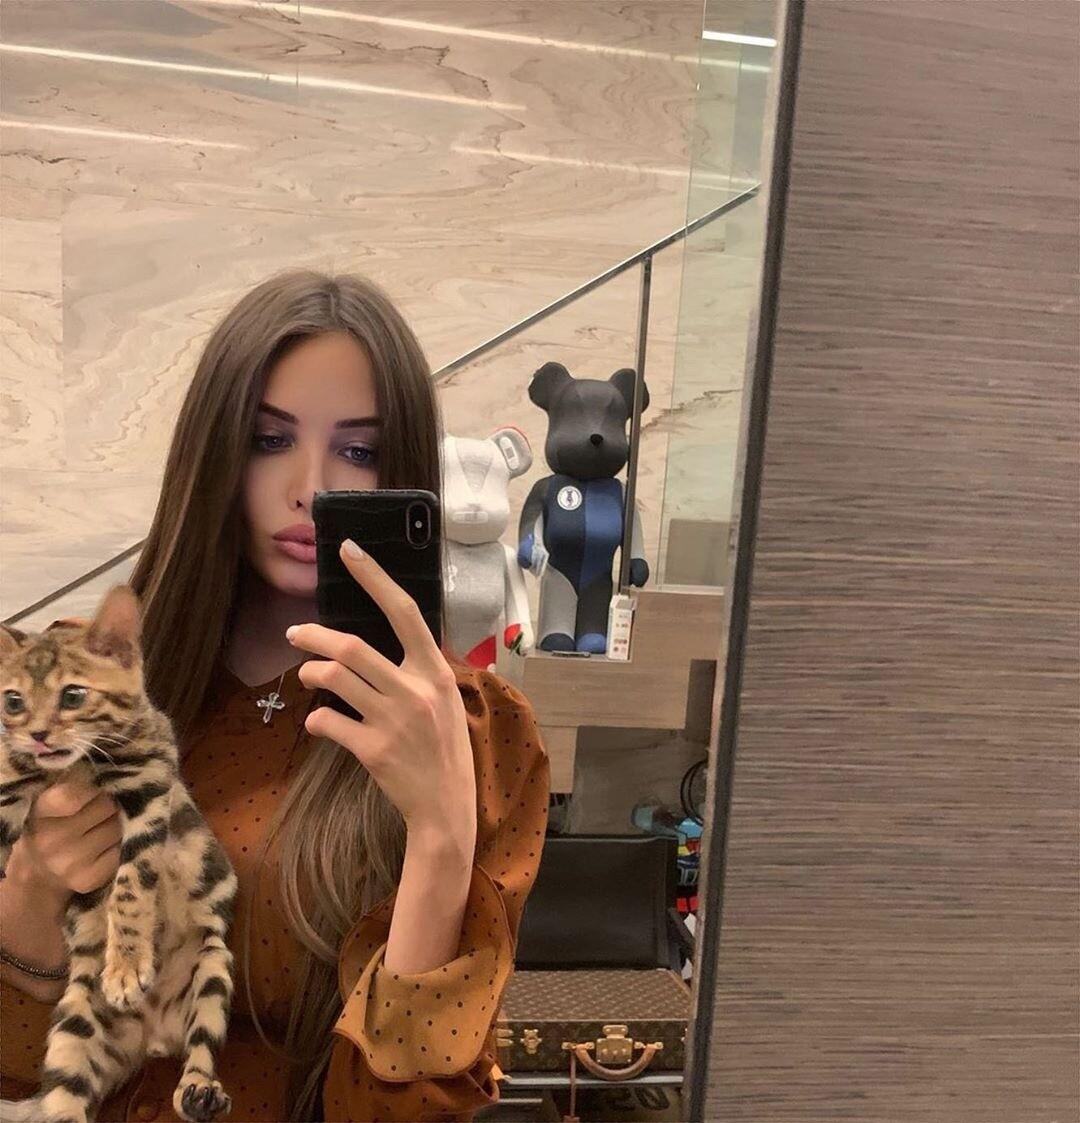 Анастасия Решетова показала, как ее коты отреагировали на появление малыша в доме (видео)